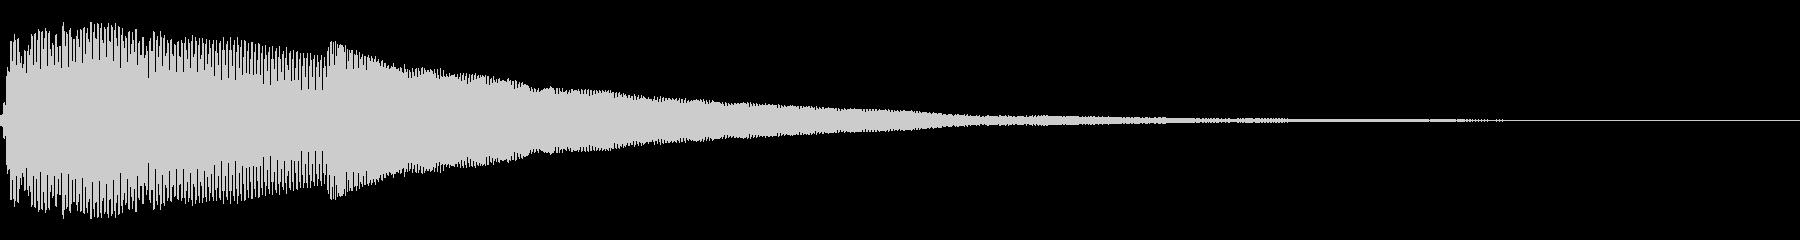 ピカーン(クリック_選択決定_01)の未再生の波形